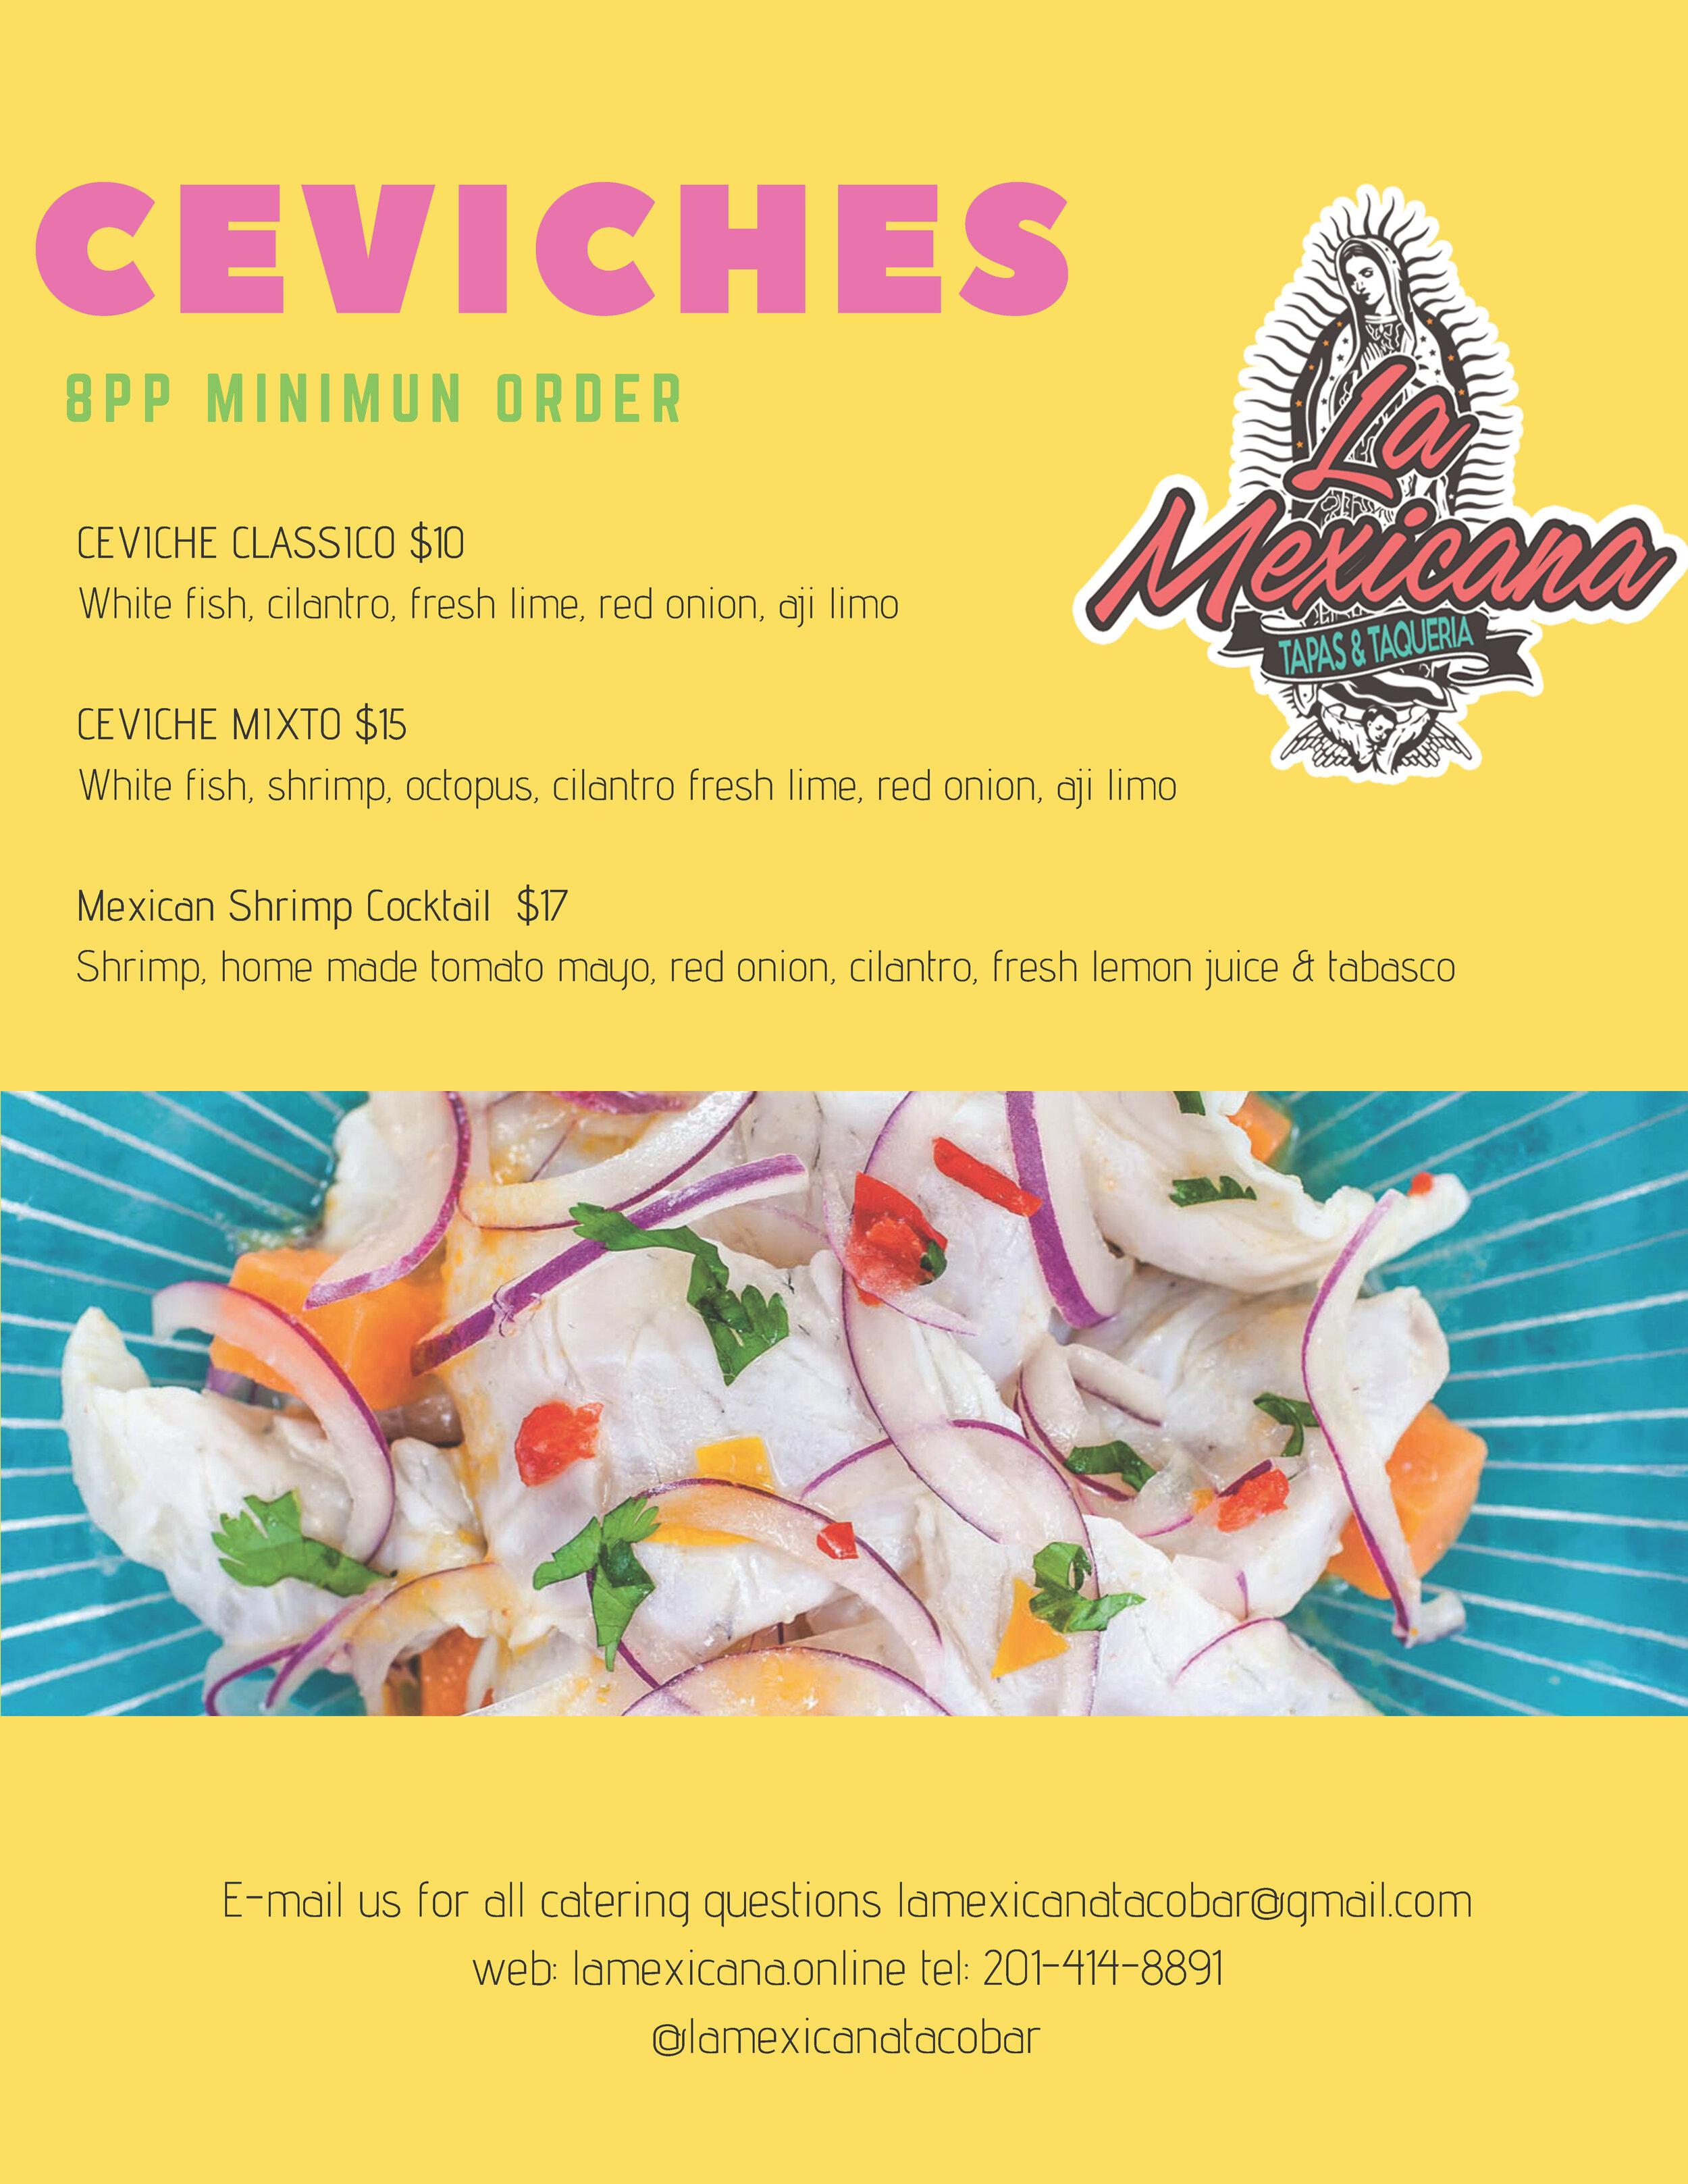 catering-menu-fortlauderdale-1.jpg